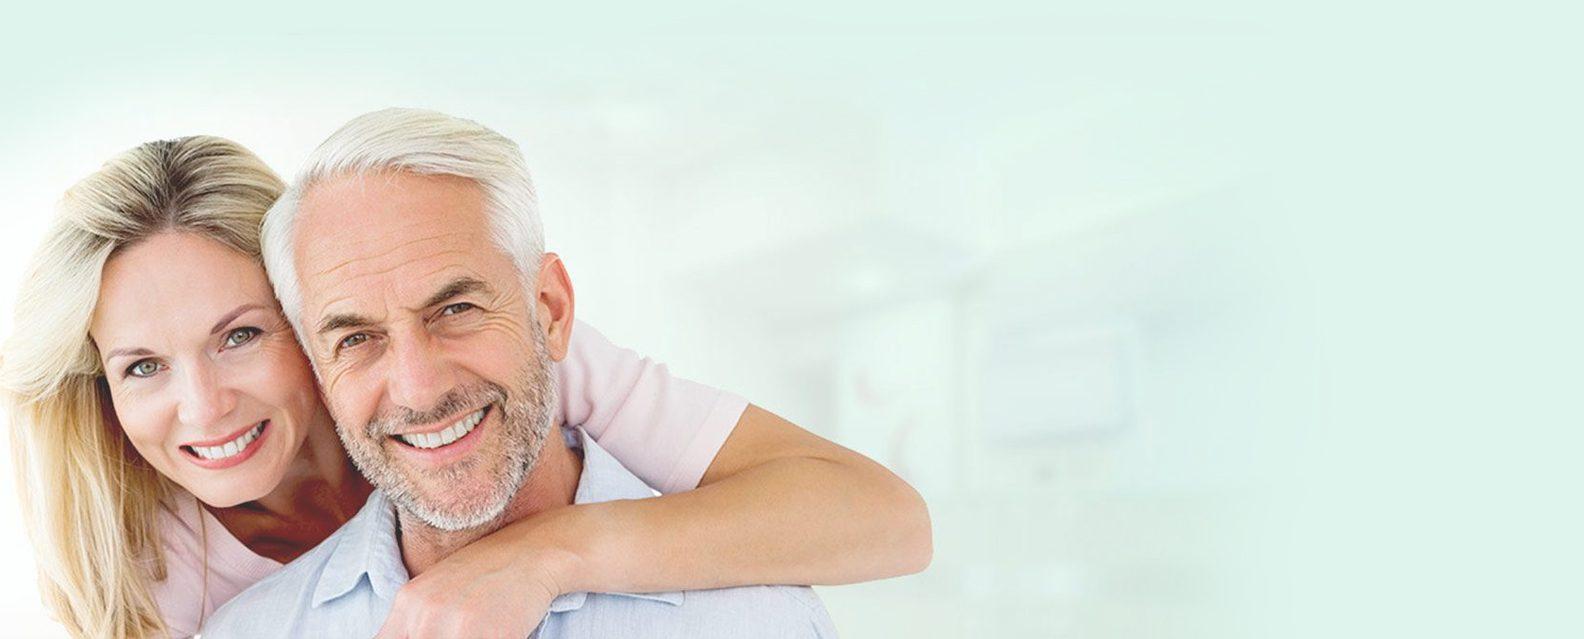 dental-implants-banner-1vo2iwrxz38ijruxl7ungqs32s